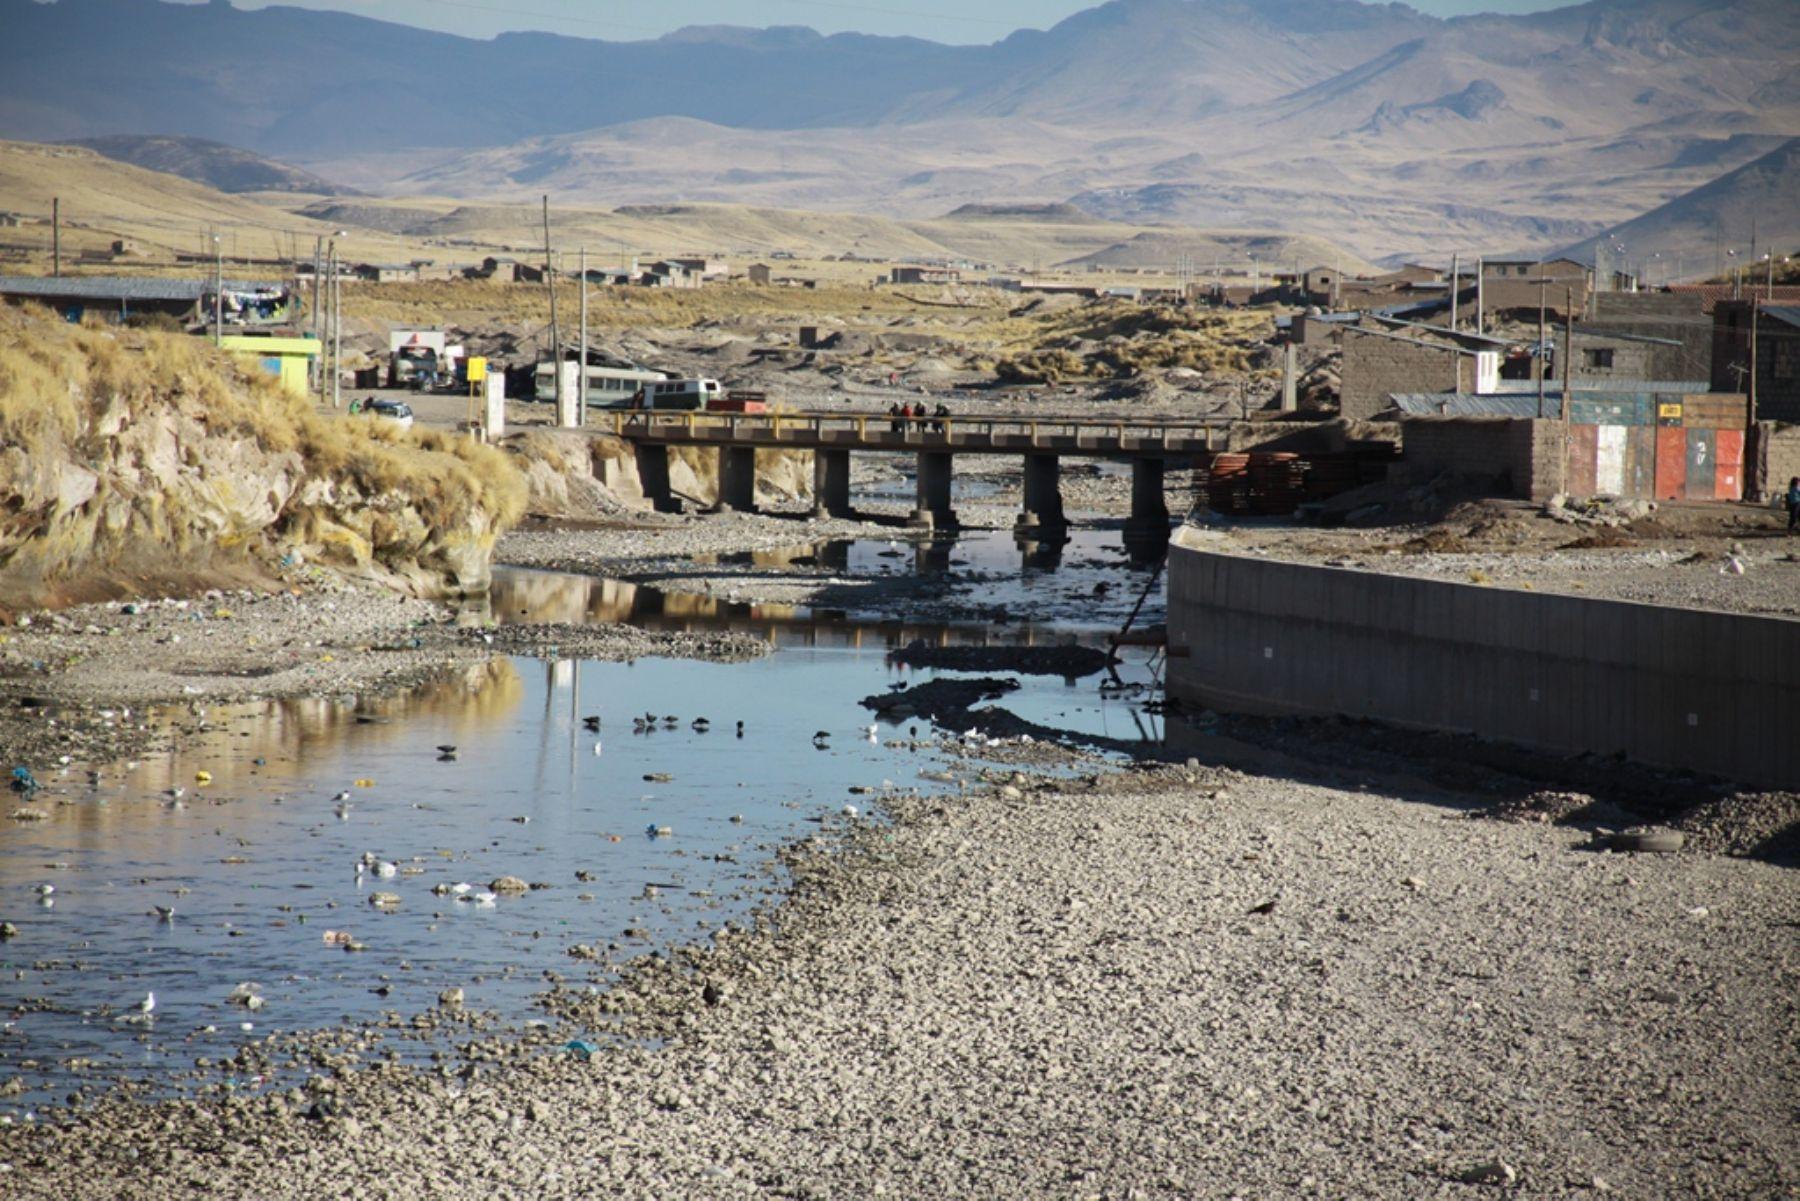 Organizaciones de Espinar asistirán a audiencia de ejecución de la sentencia: caso de agua potable contaminada por metales pesados